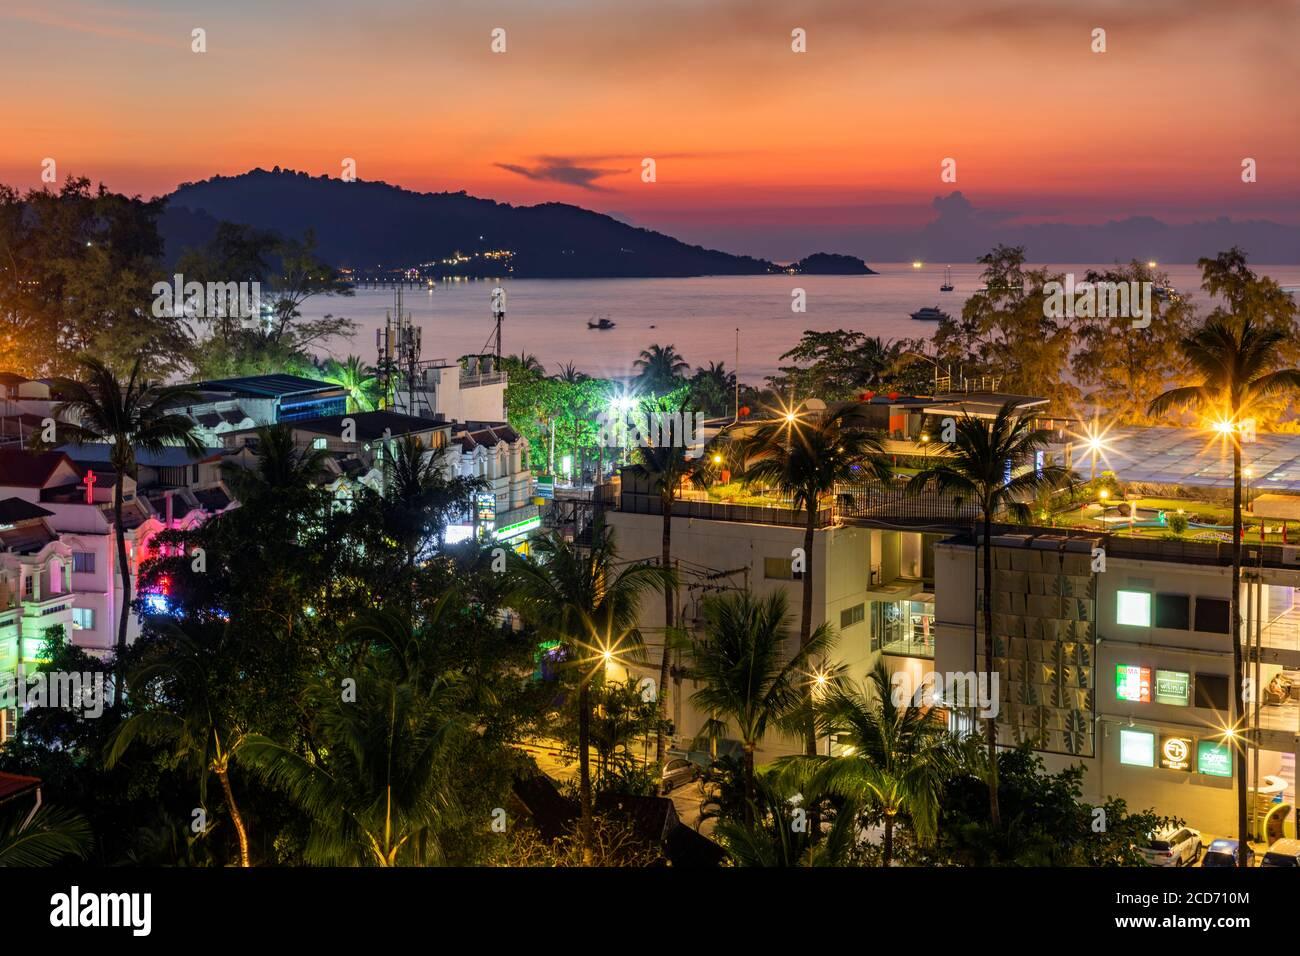 Coucher de soleil, Patong, Phuket, Thaïlande Banque D'Images